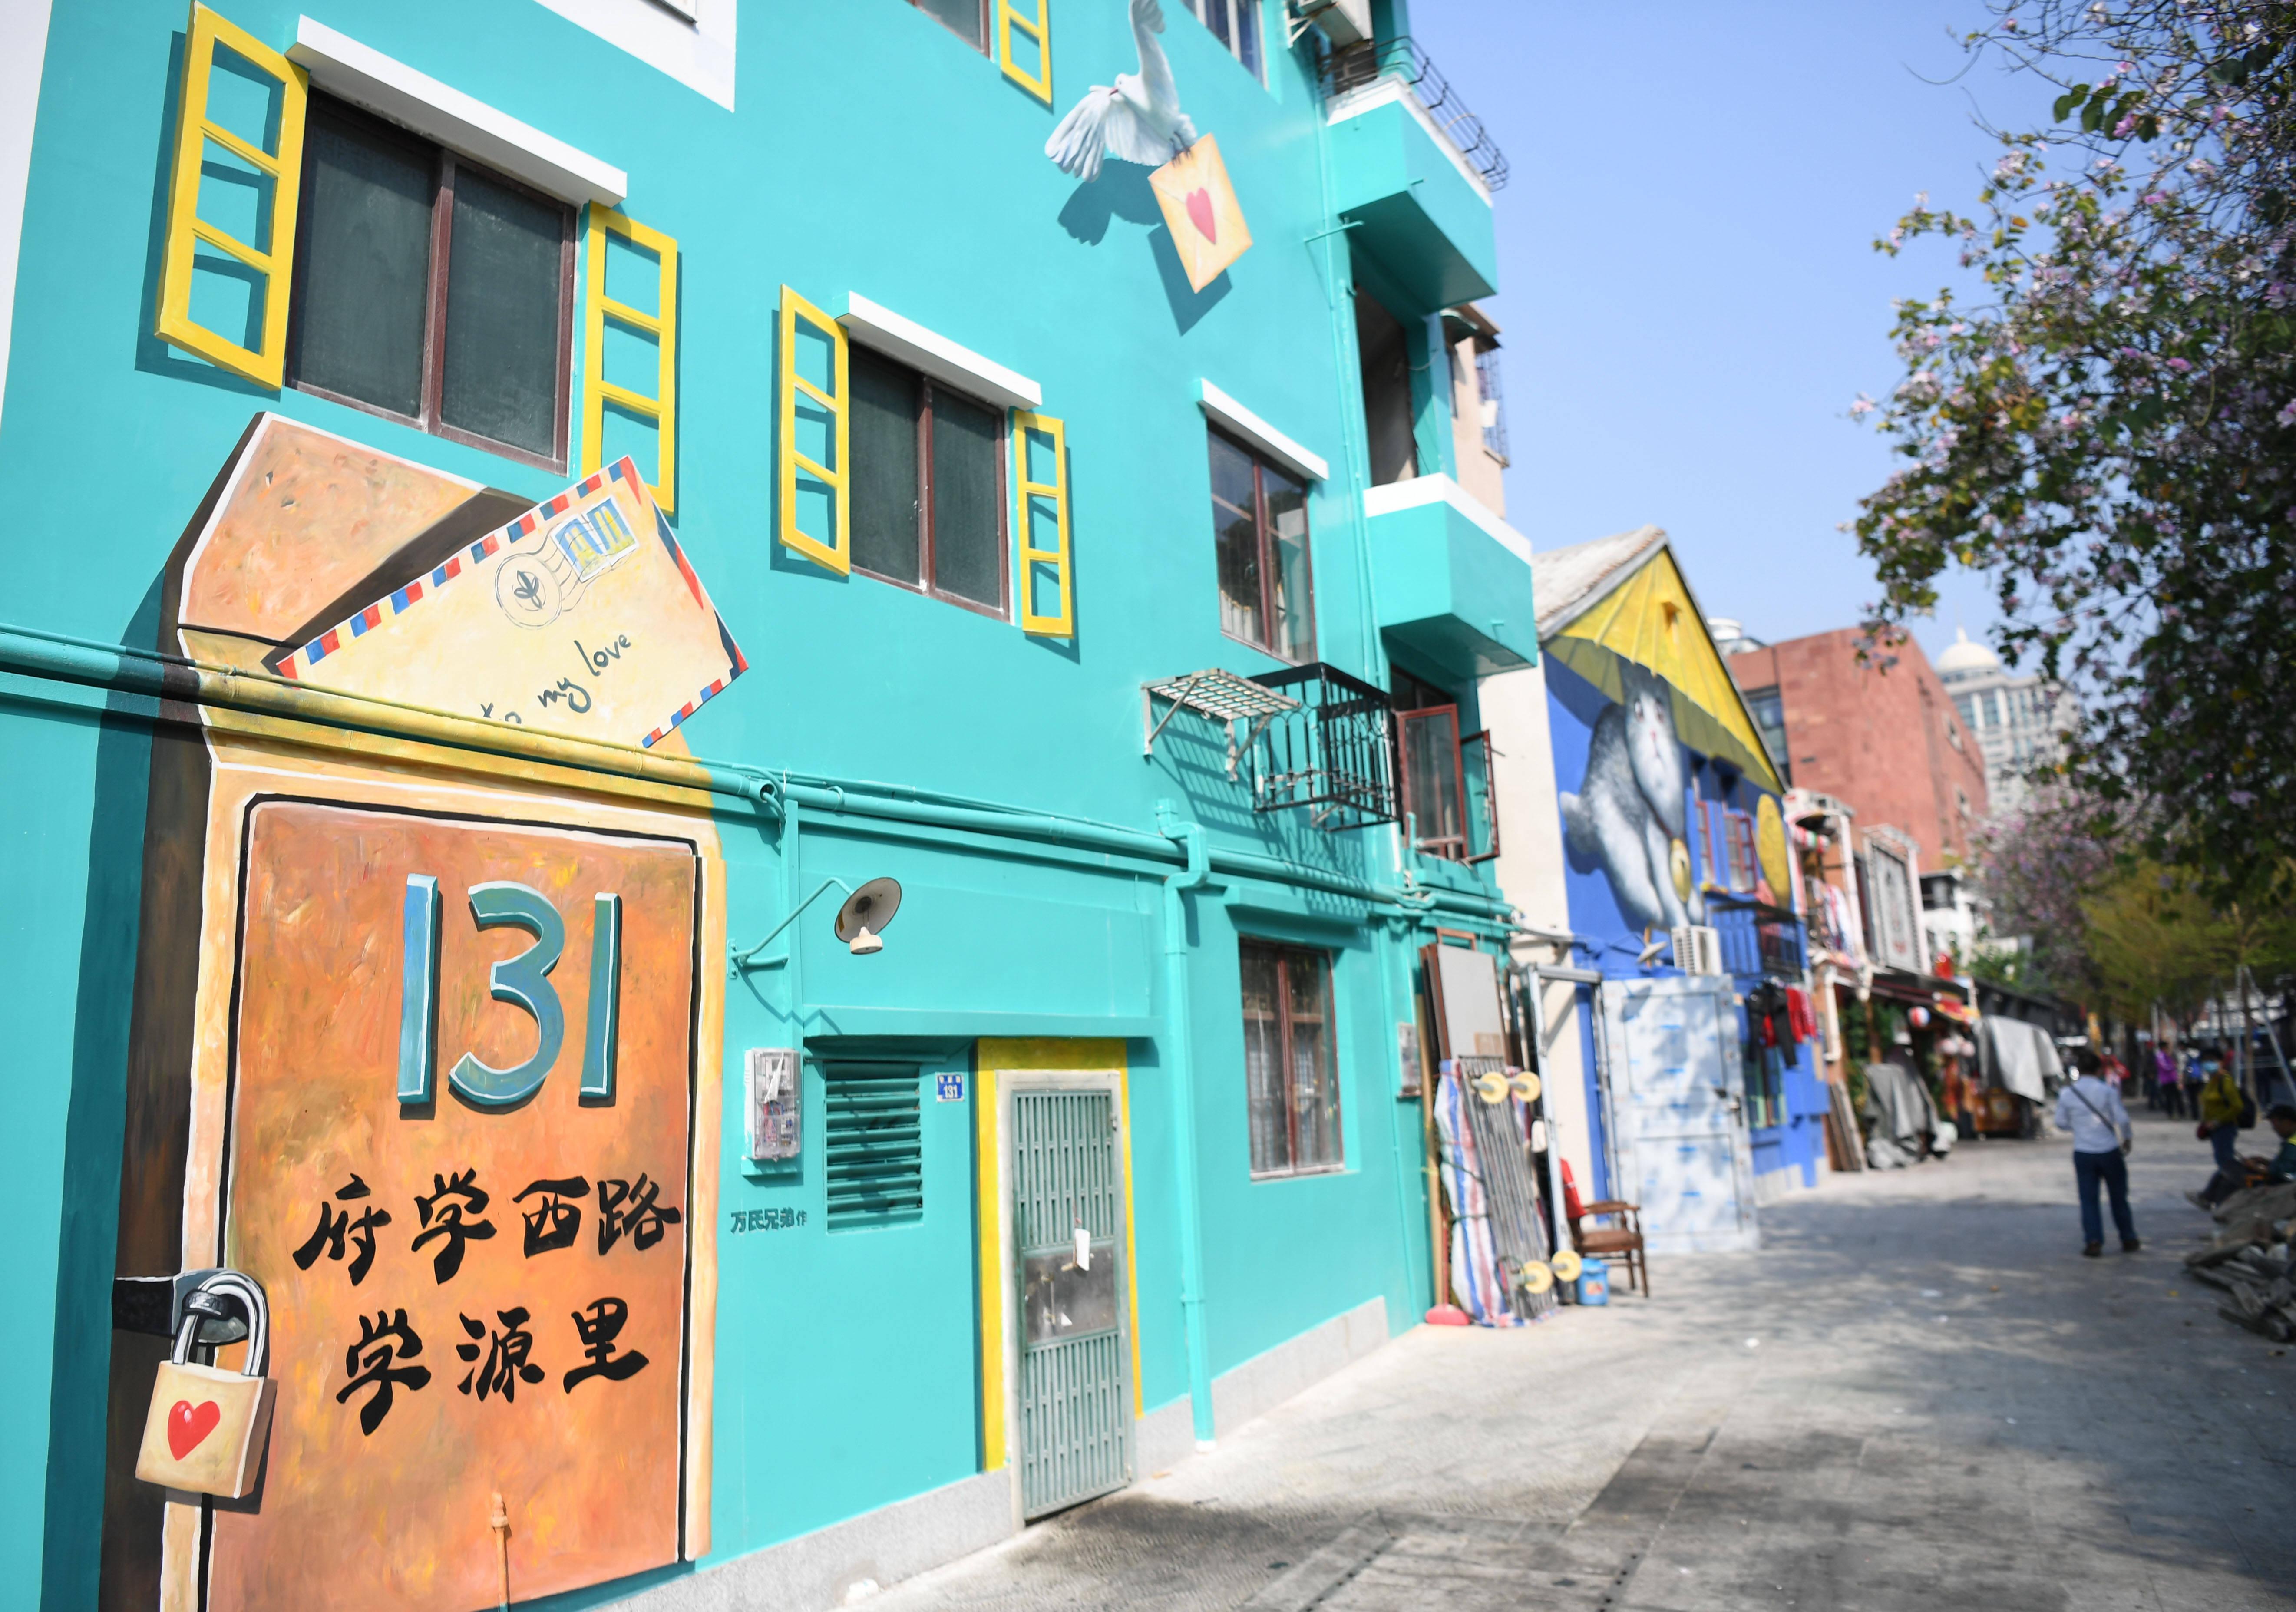 广州:老街变身网红打卡地